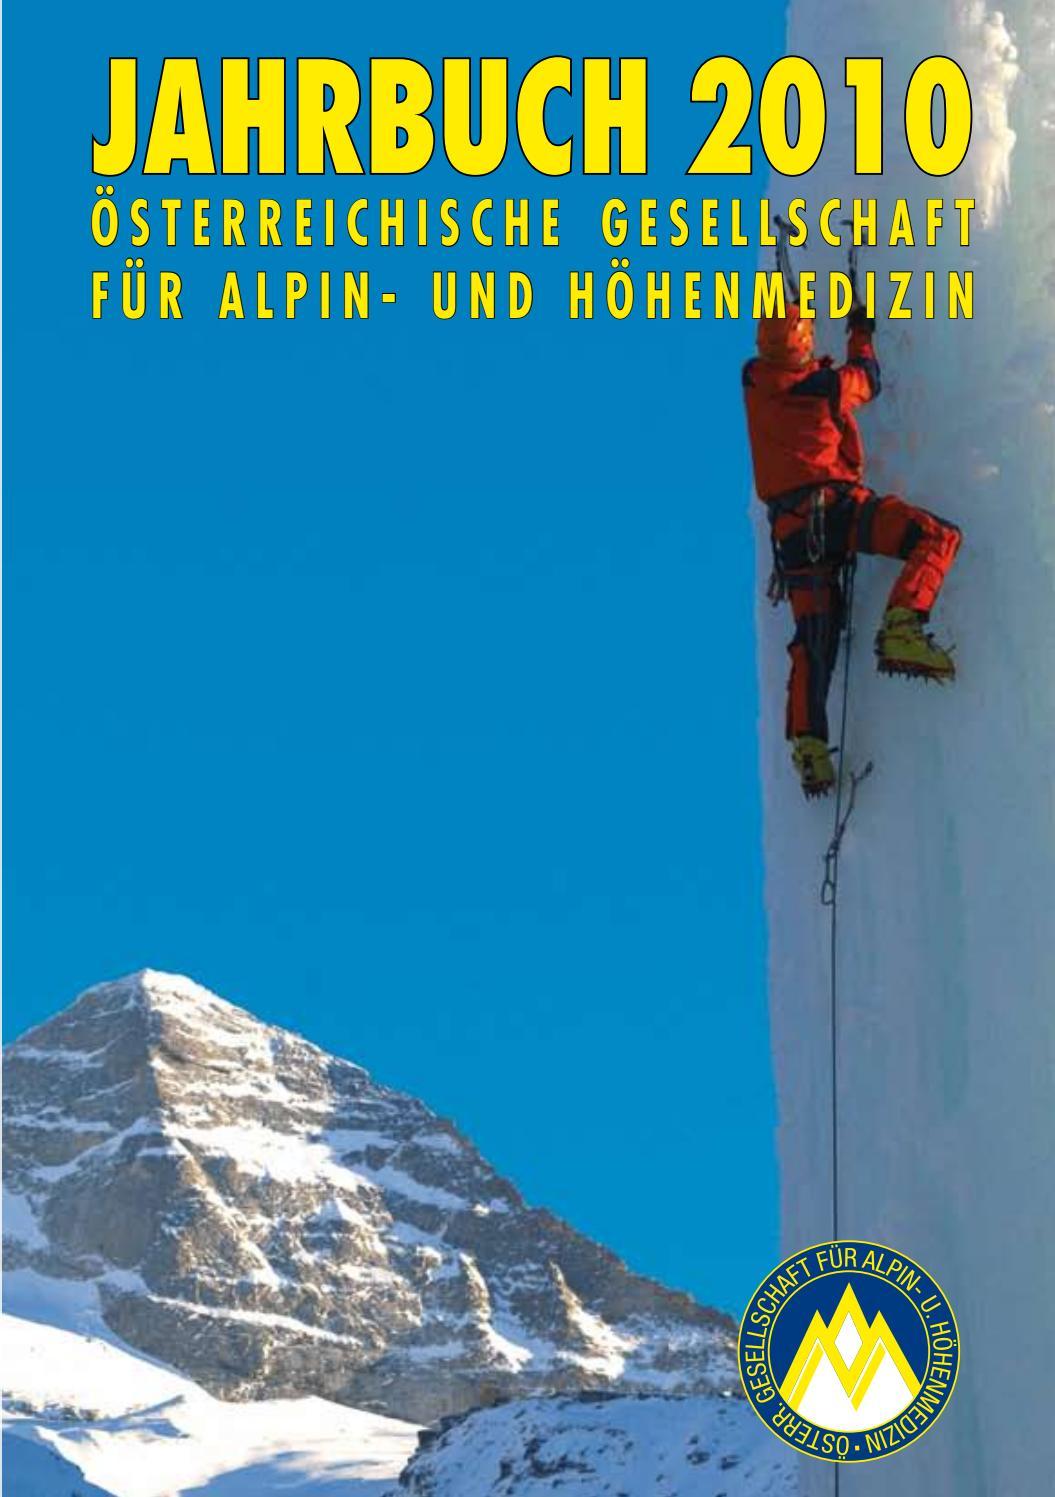 Jahrbuch 2010 by Reinhold Sigl issuu